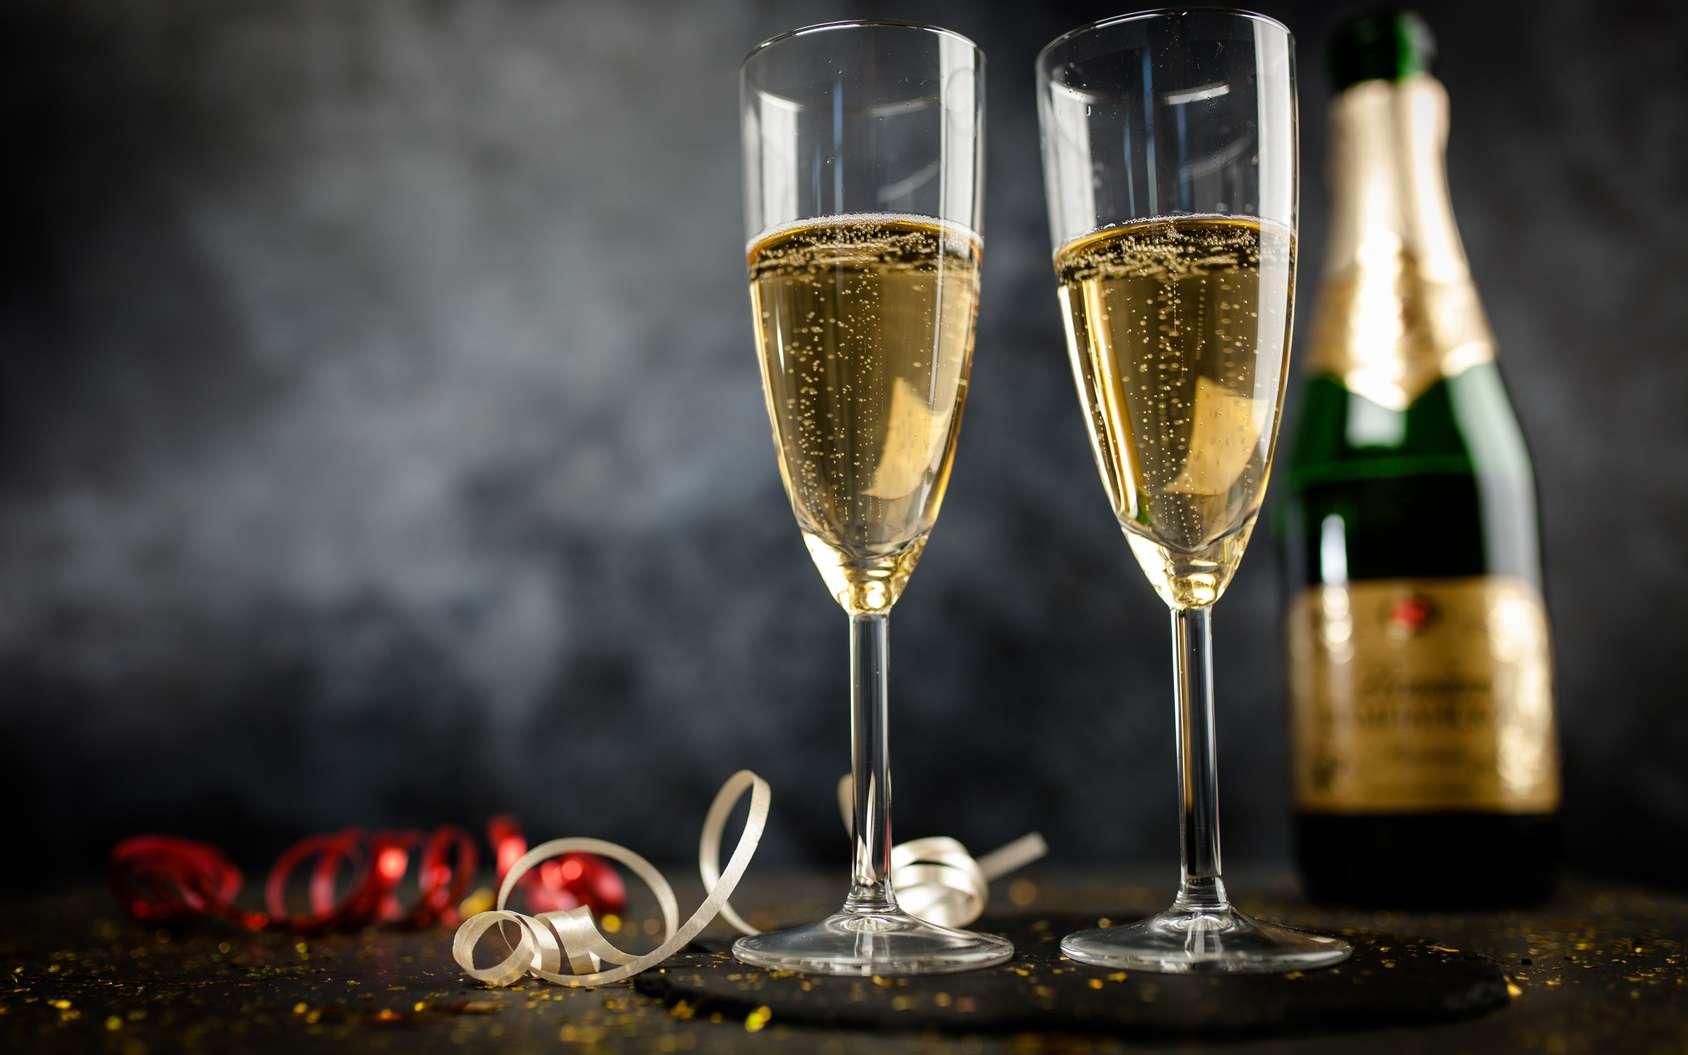 Une fois la bouteille ouverte, les bulles s'échappent du champagne. Malheureusement, une petite cuillère ne suffit pas à les retenir. © George Dolgikh, Fotolia